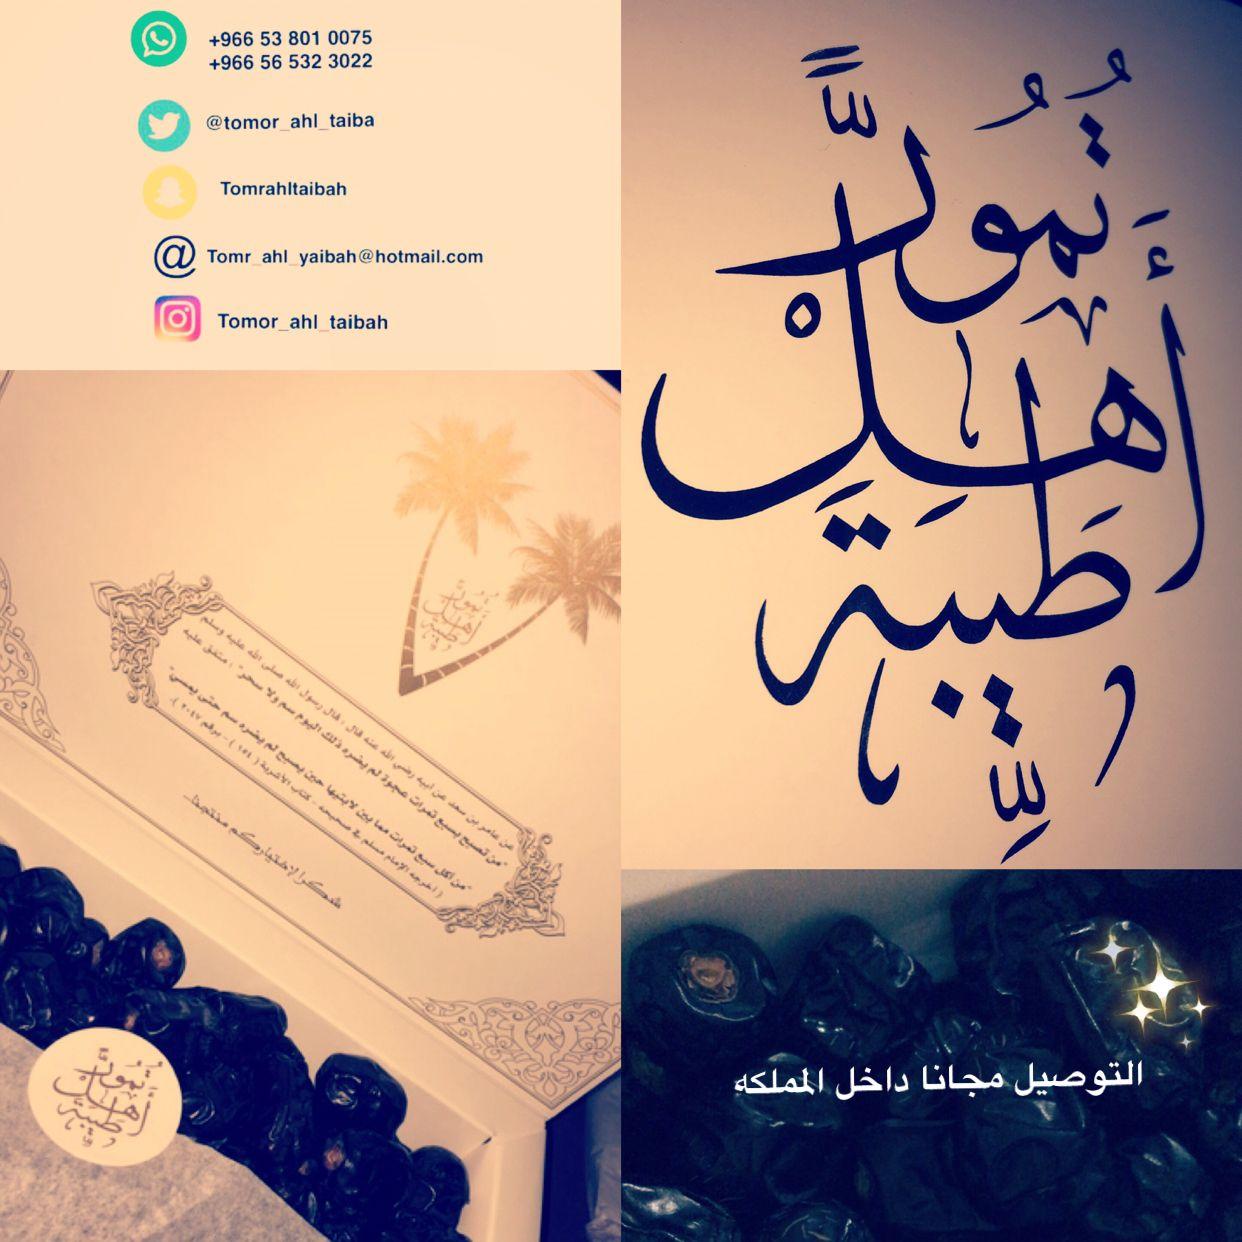 معلومات عن الاإعلان لبيع اجود انواع التمور العجوه من طيبه الطيبه و التوصيل مجانا لجميع أنحاء الممكله Art Calligraphy Arabic Calligraphy